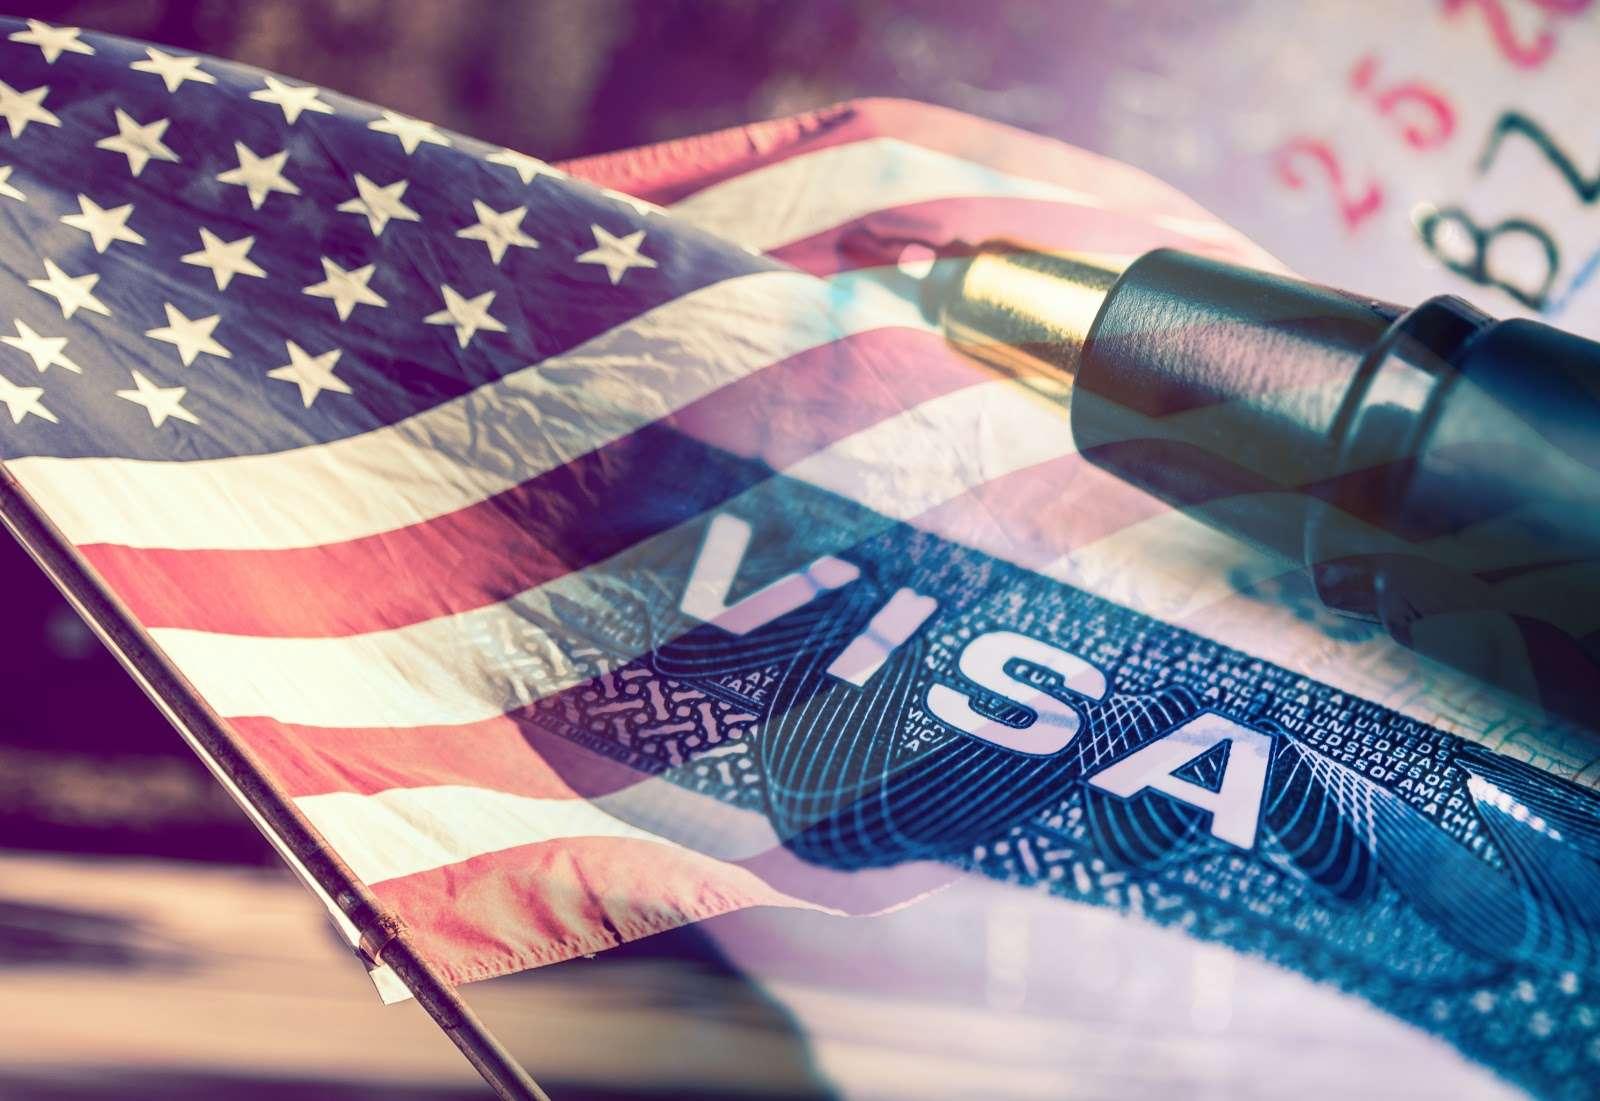 Extensão de visto nos EUA [2021]: passo a passo com tudo que você precisa saber